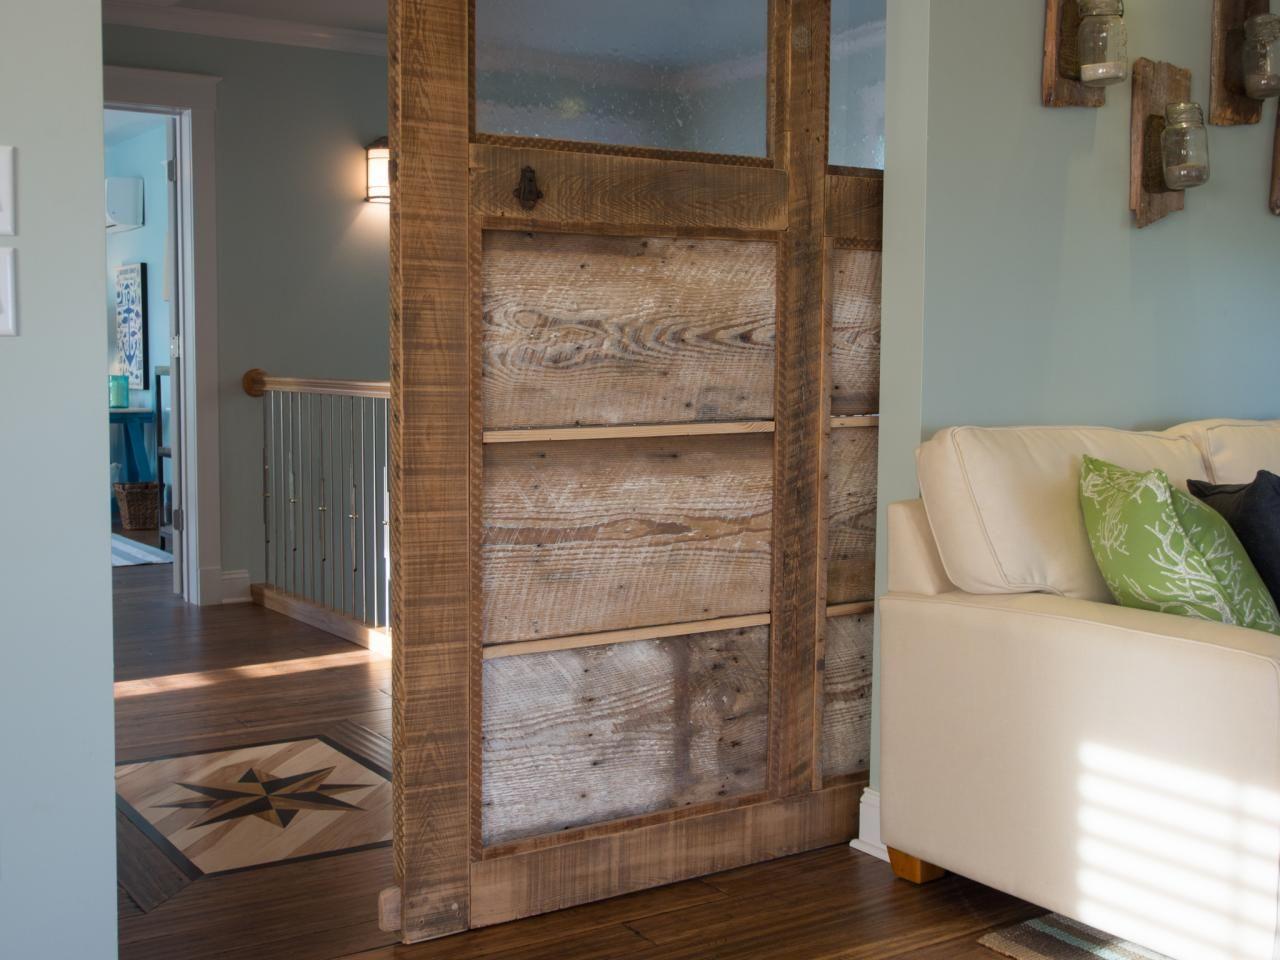 How to build a reclaimed wood sliding door diy network sliding how to build a reclaimed wood sliding door rubansaba